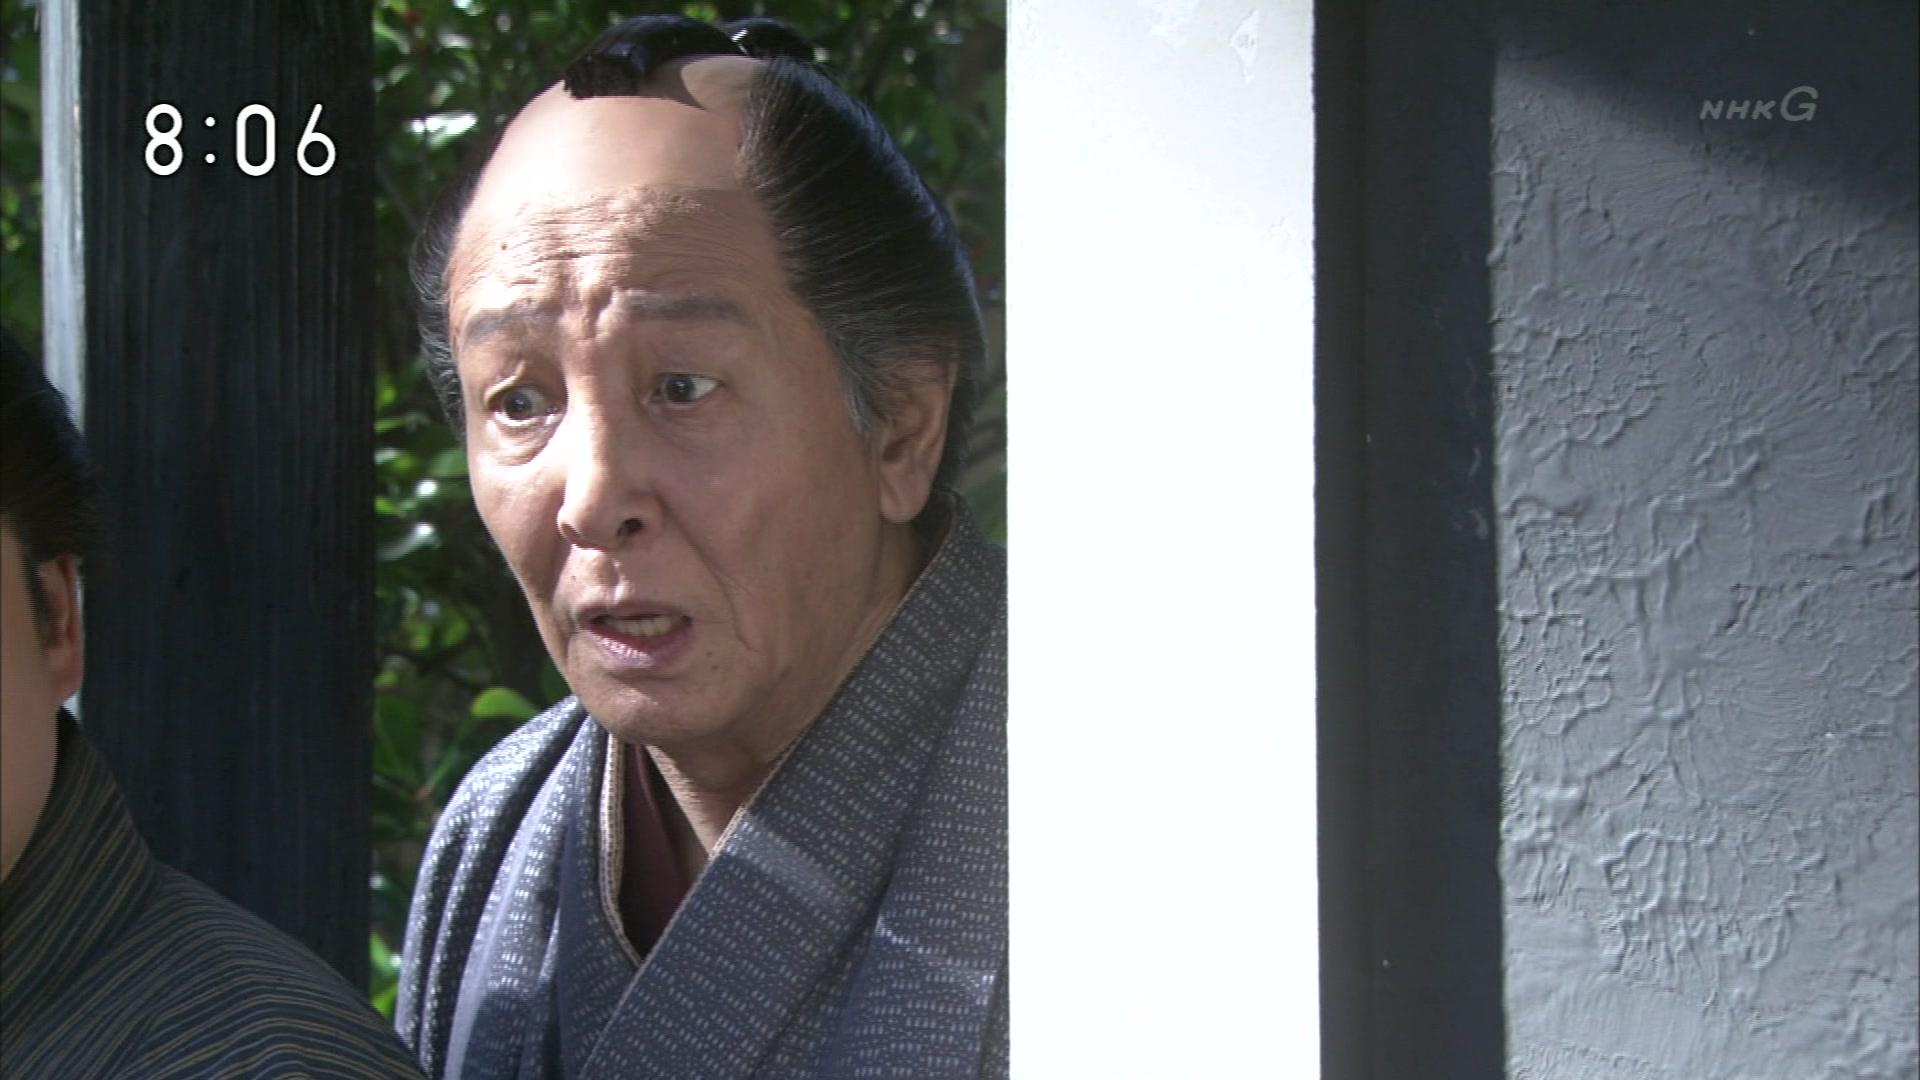 2015-10-19 08:00 連続テレビ小説 あさが来た(19)「若奥さんの底力」 1193